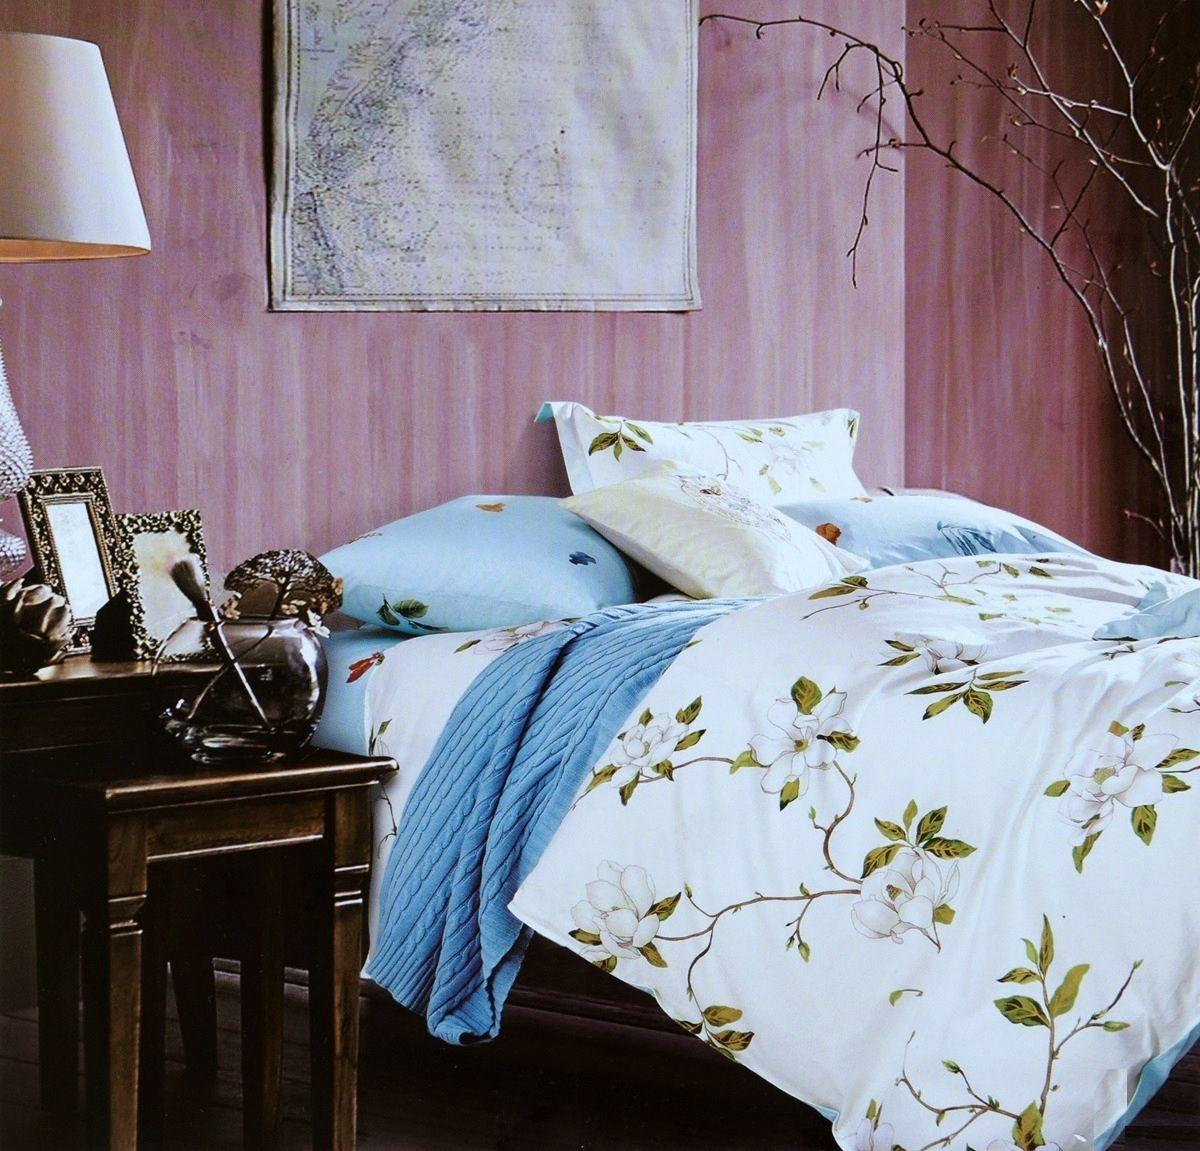 Комплект белья Modalin Katalin, 2-спальный, наволочки 50х70, 70x70391602Комплект постельного белья Modalin, выполненный из сатина (100% хлопка), создан для комфорта и роскоши. Комплект состоит из пододеяльника, простыни и 4 наволочек. Постельное белье оформлено цветочным орнаментом. Пододеяльник застегивается на пуговицы, что позволяет одеялу не выпадать из него.Сатин - хлопчатобумажная ткань полотняного переплетения, одна из самых красивых, прочных и приятных телу тканей, изготовленных из натурального волокна. Благодаря своей шелковистости и блеску сатин называют хлопковым шелком.